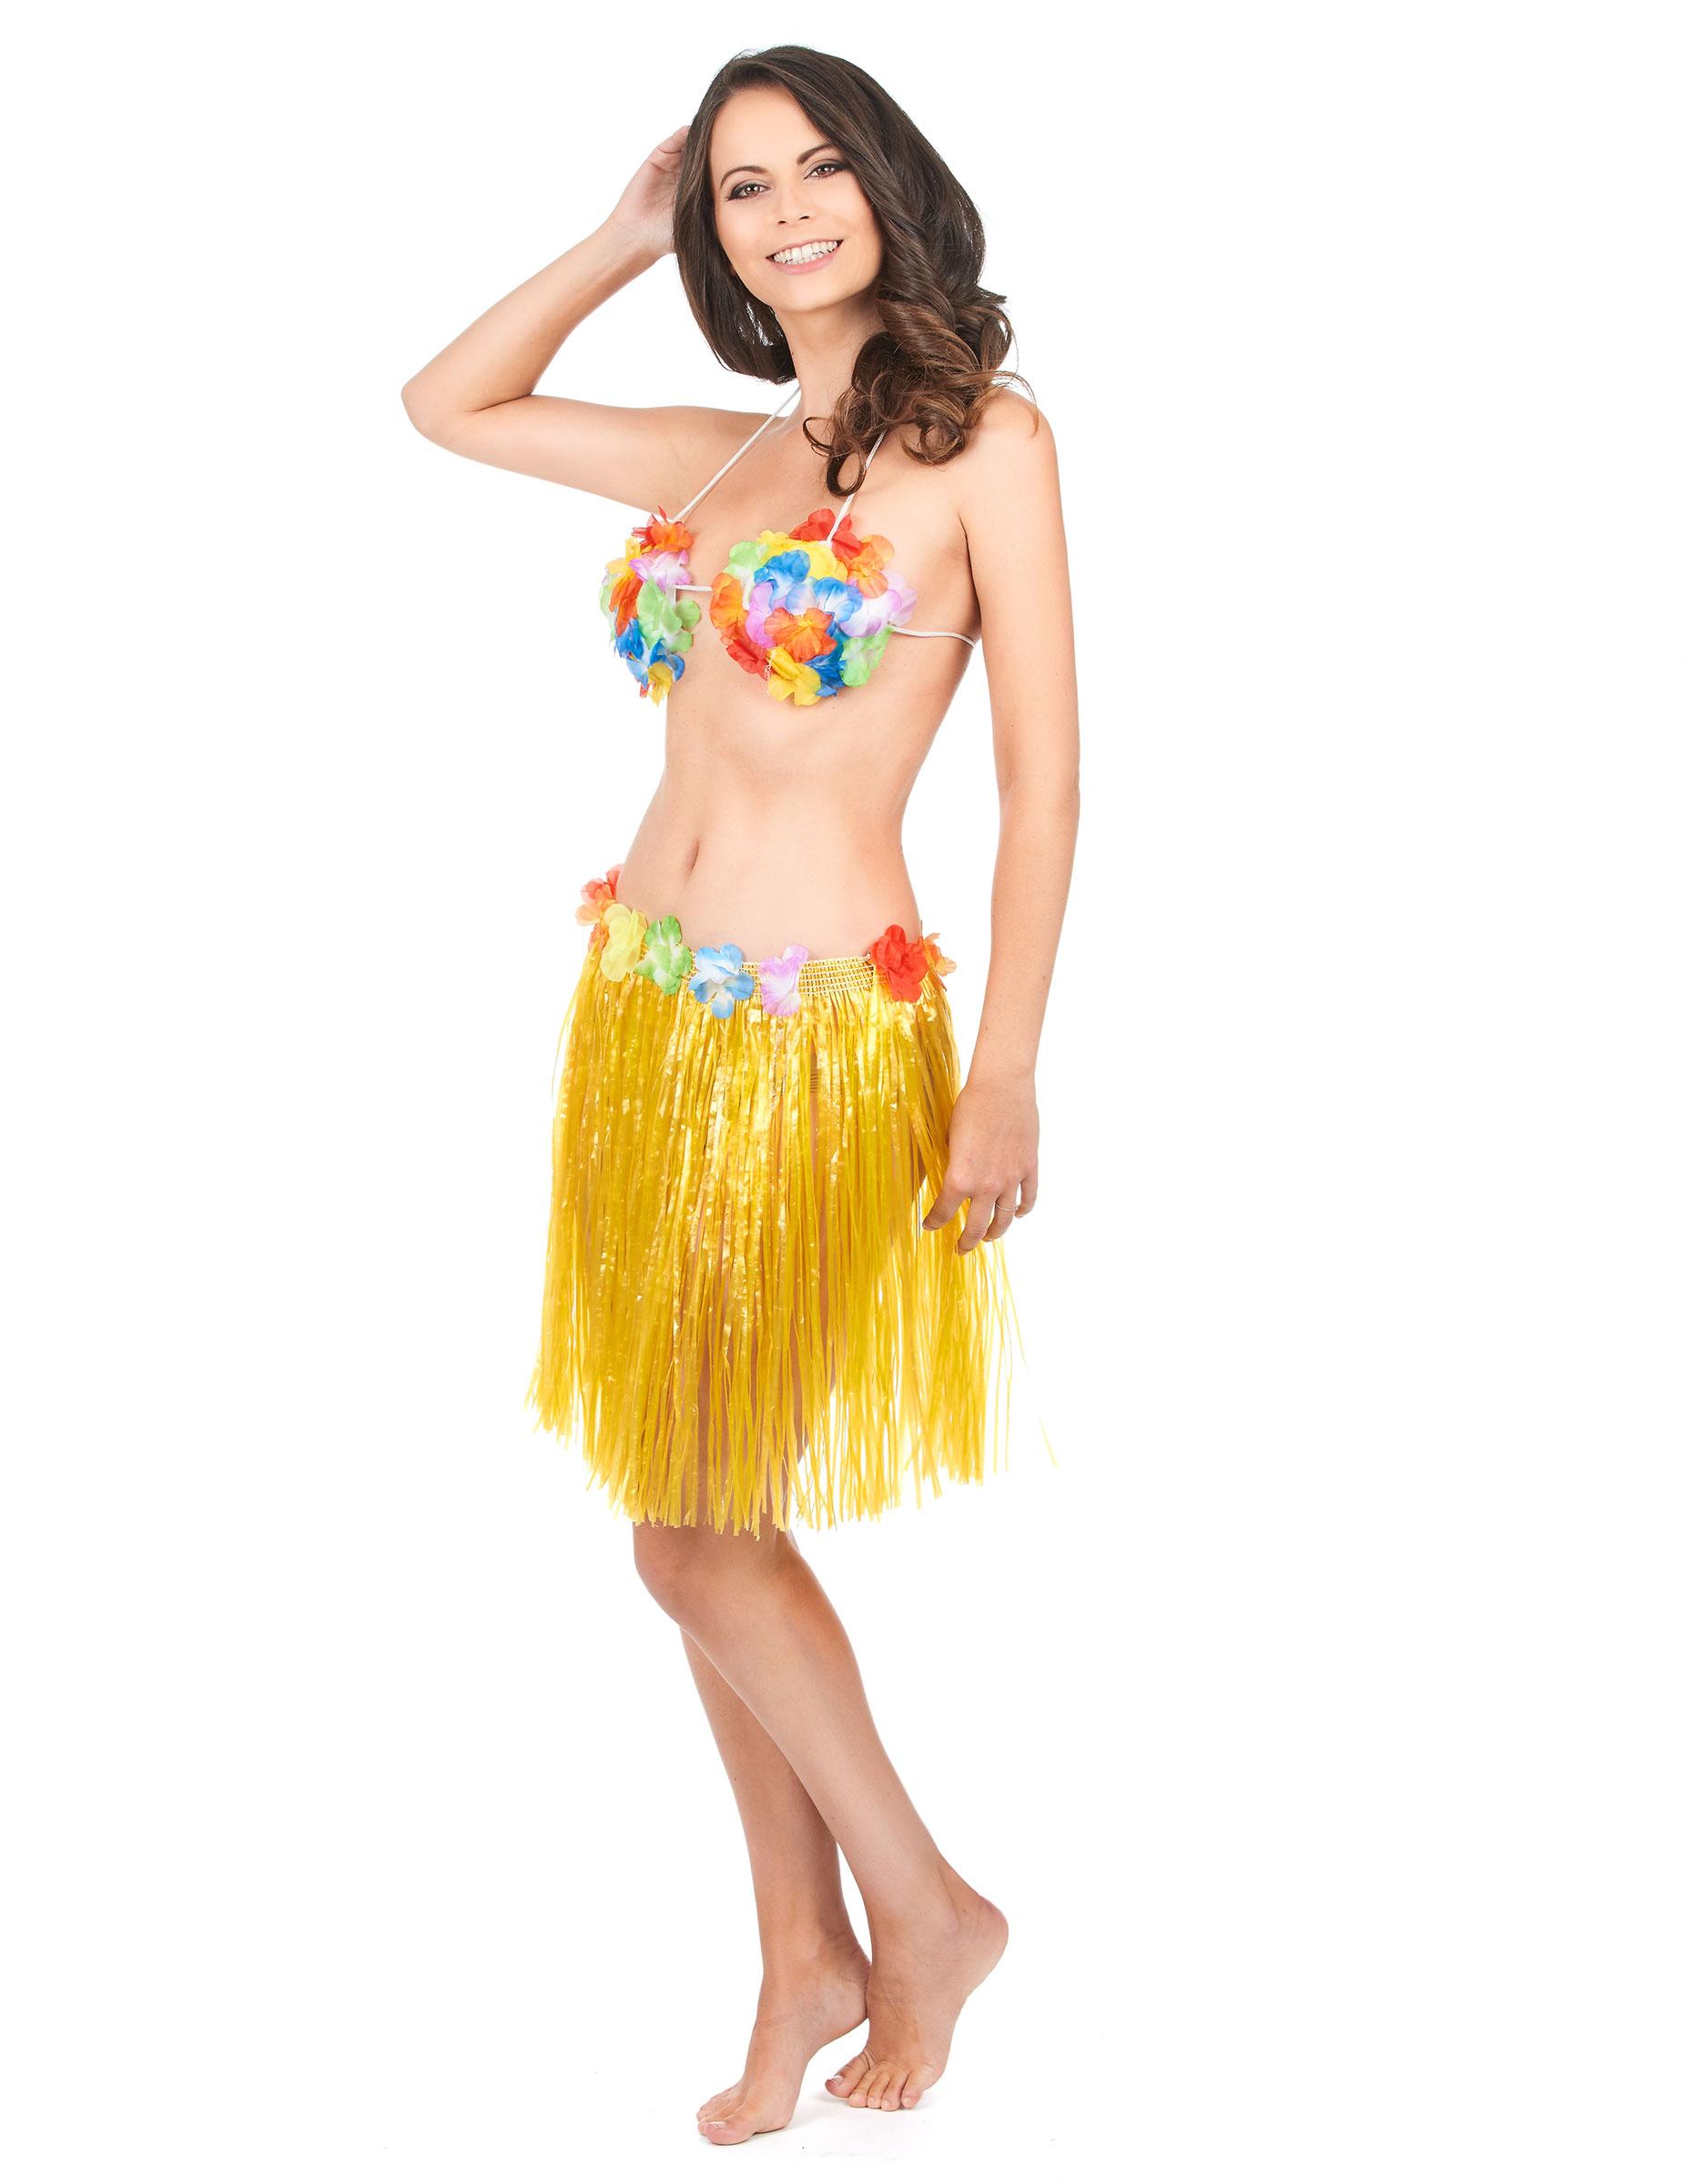 goedkoop volwassen vrouwen dans in Sint-Maartensdijk